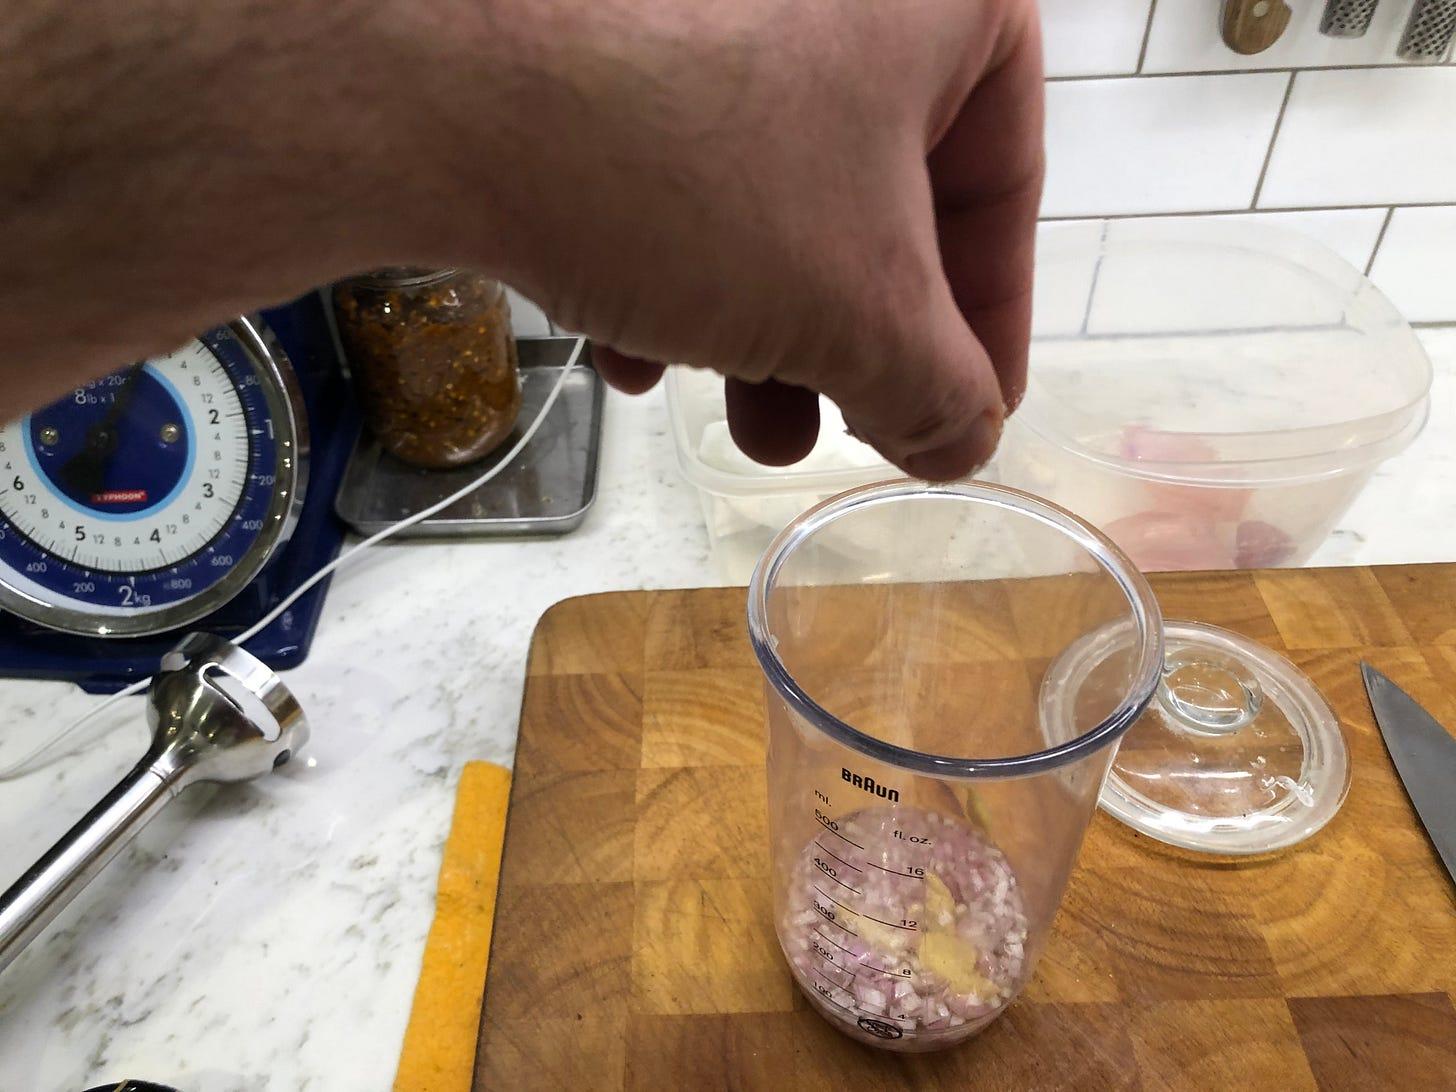 Salt added to vinegar mixture